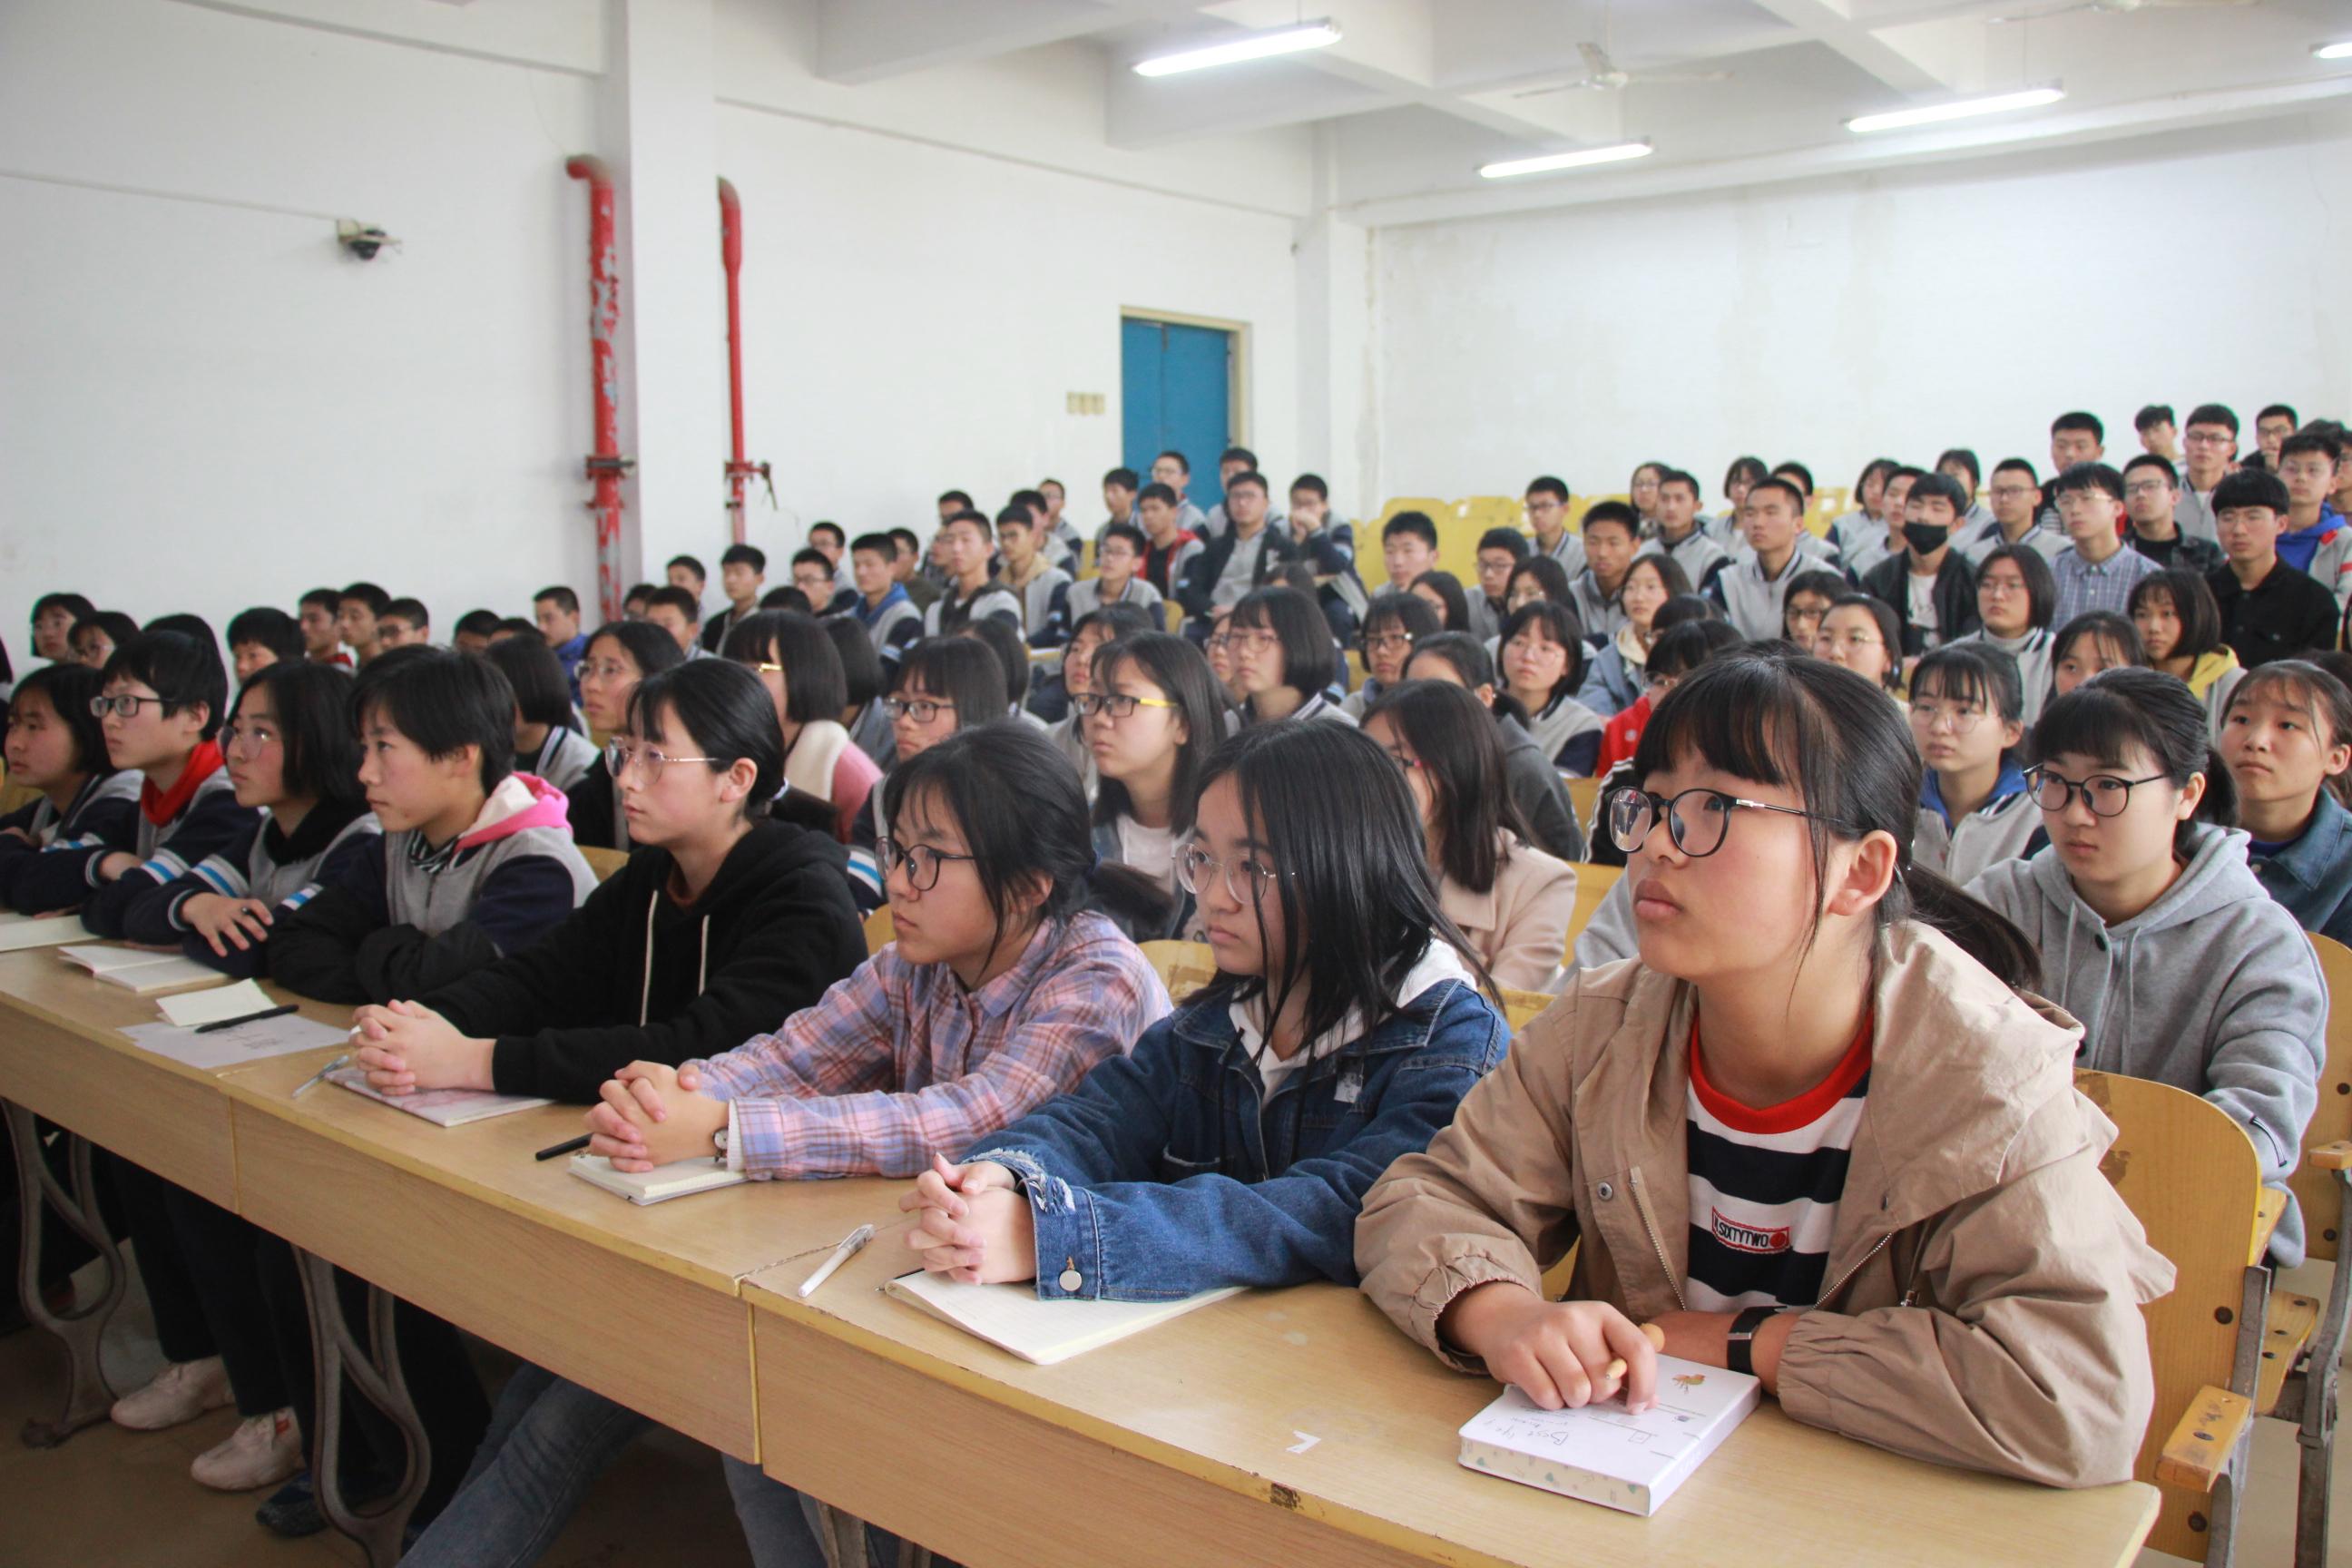 哈尔滨工业大学招生负责人莅校做招生宣讲-微信图片_20190330175253